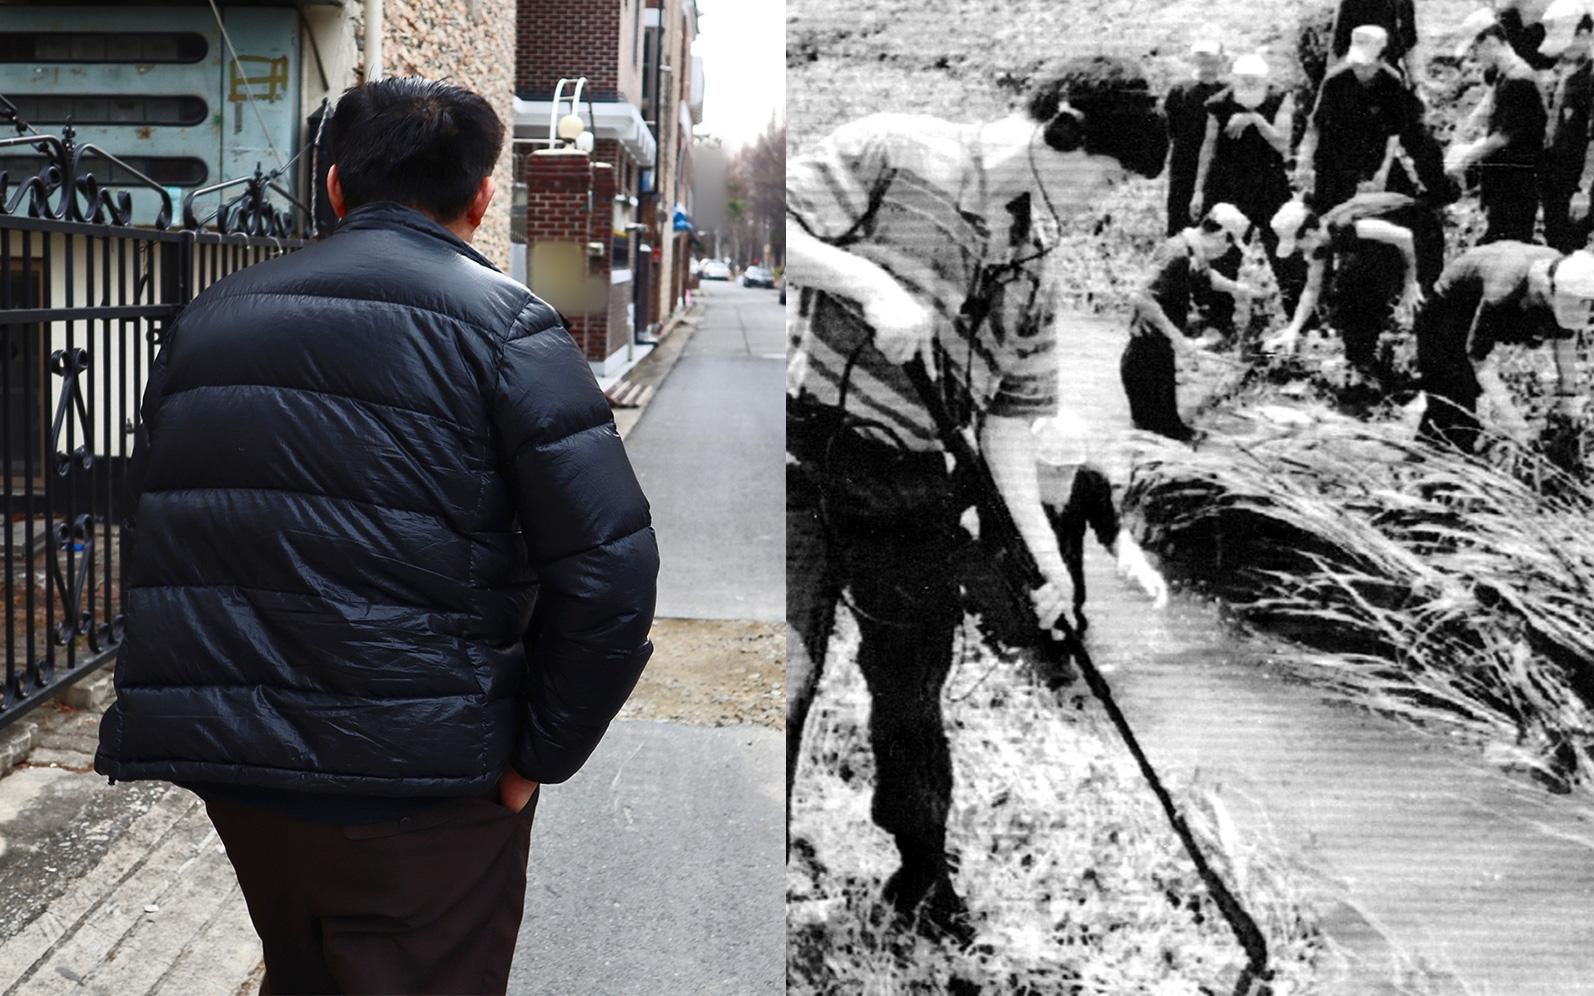 Hàn Quốc phá được vụ giết người hàng loạt đoạt mạng 10 nạn nhân nữ và người đàn ông đáng thương nhất khi phải thay hung thủ ngồi tù 20 năm